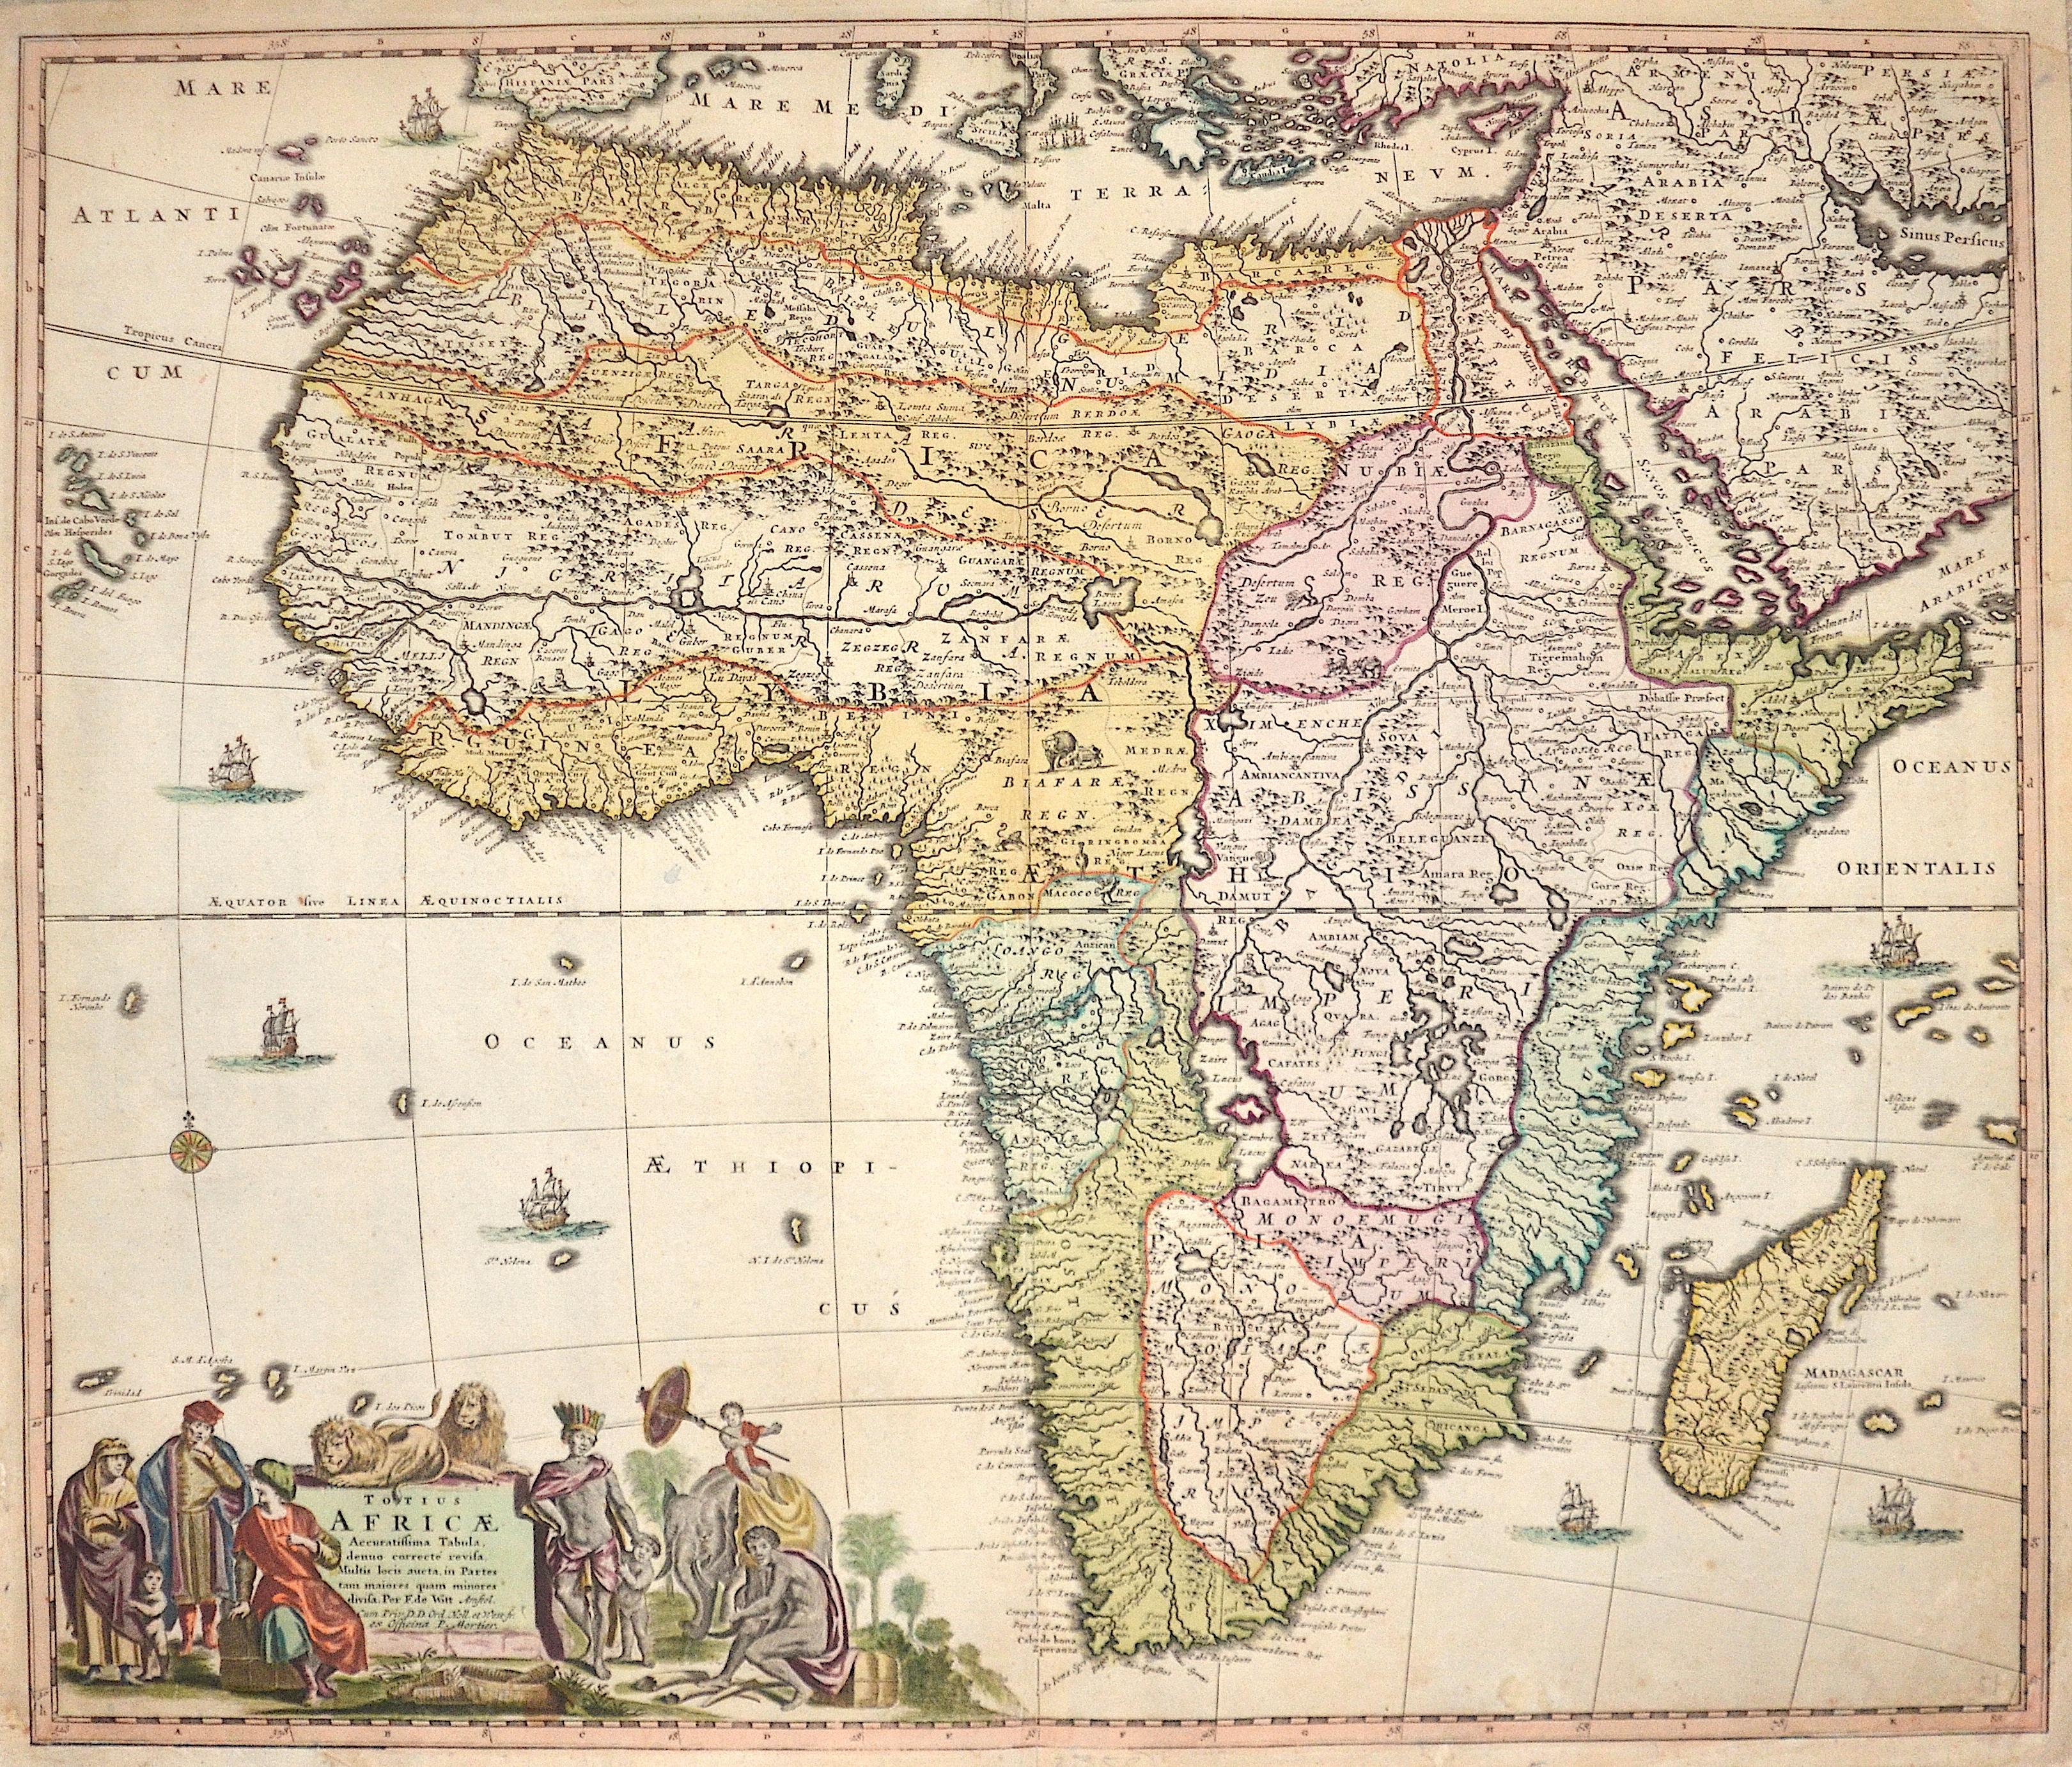 Wit,de/ Mortier,P. Frederick Totius Africae Accuratissima Tabula, denuo correcté revisa.